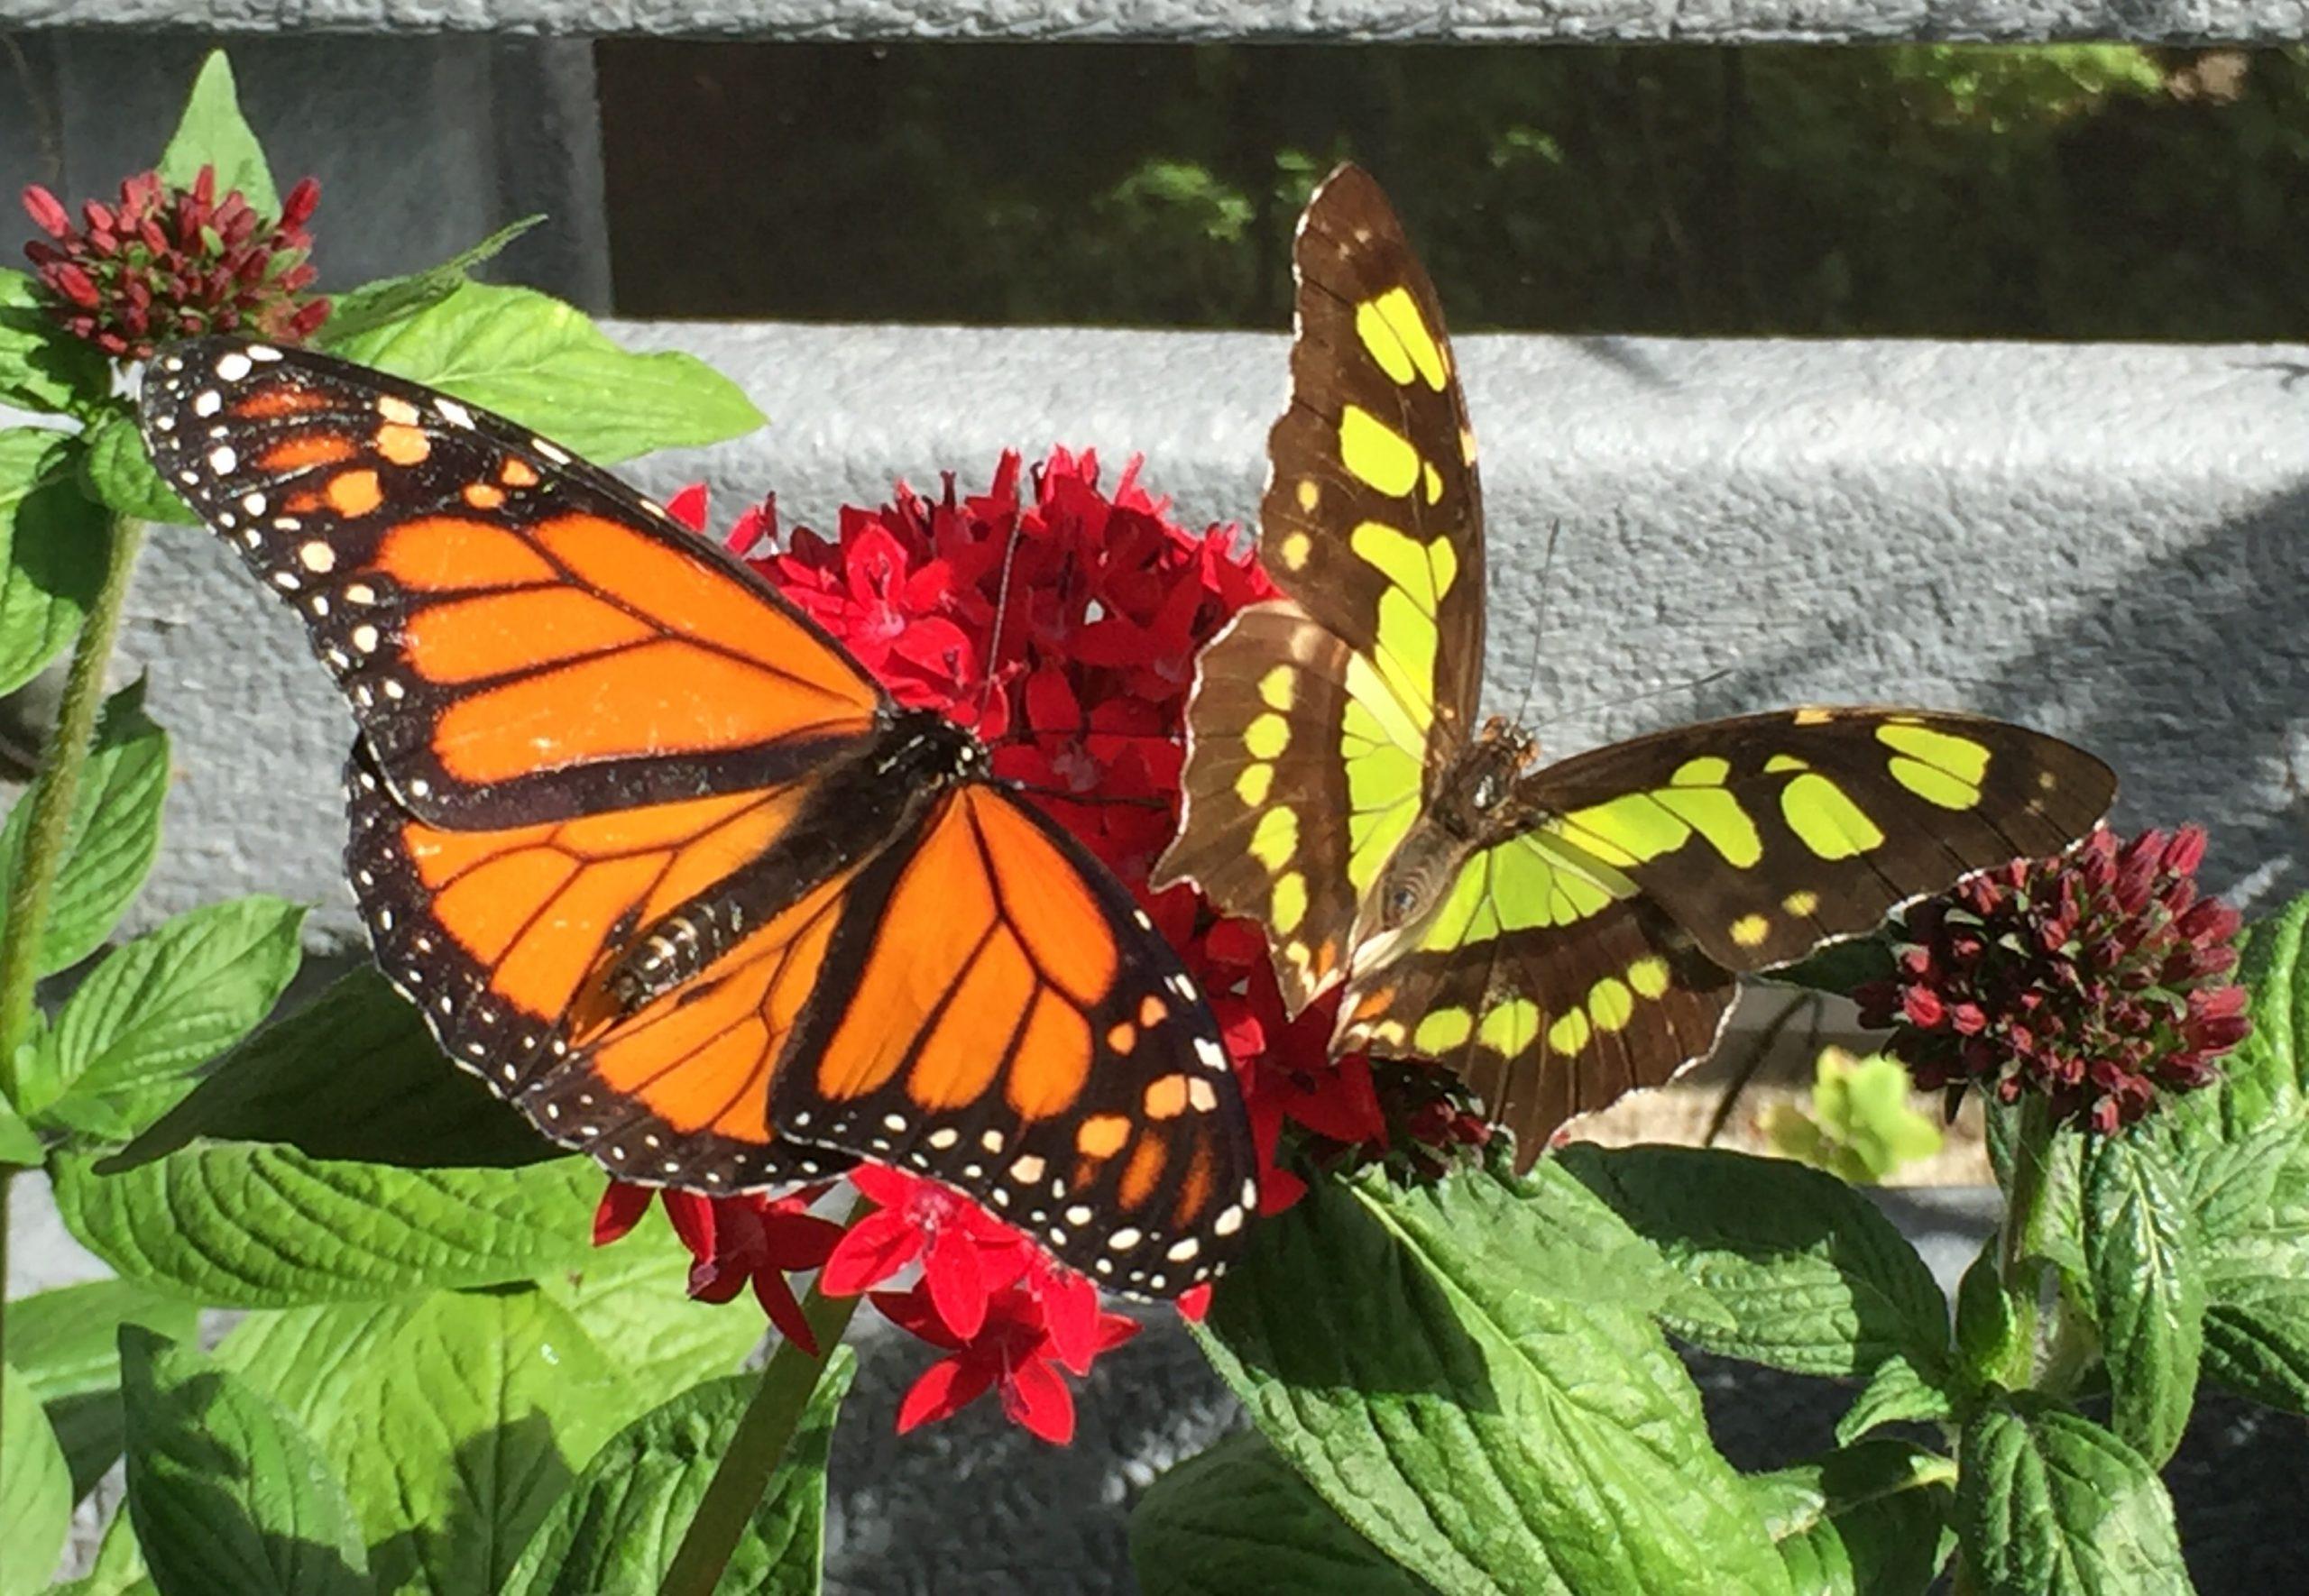 Malachite and monarch